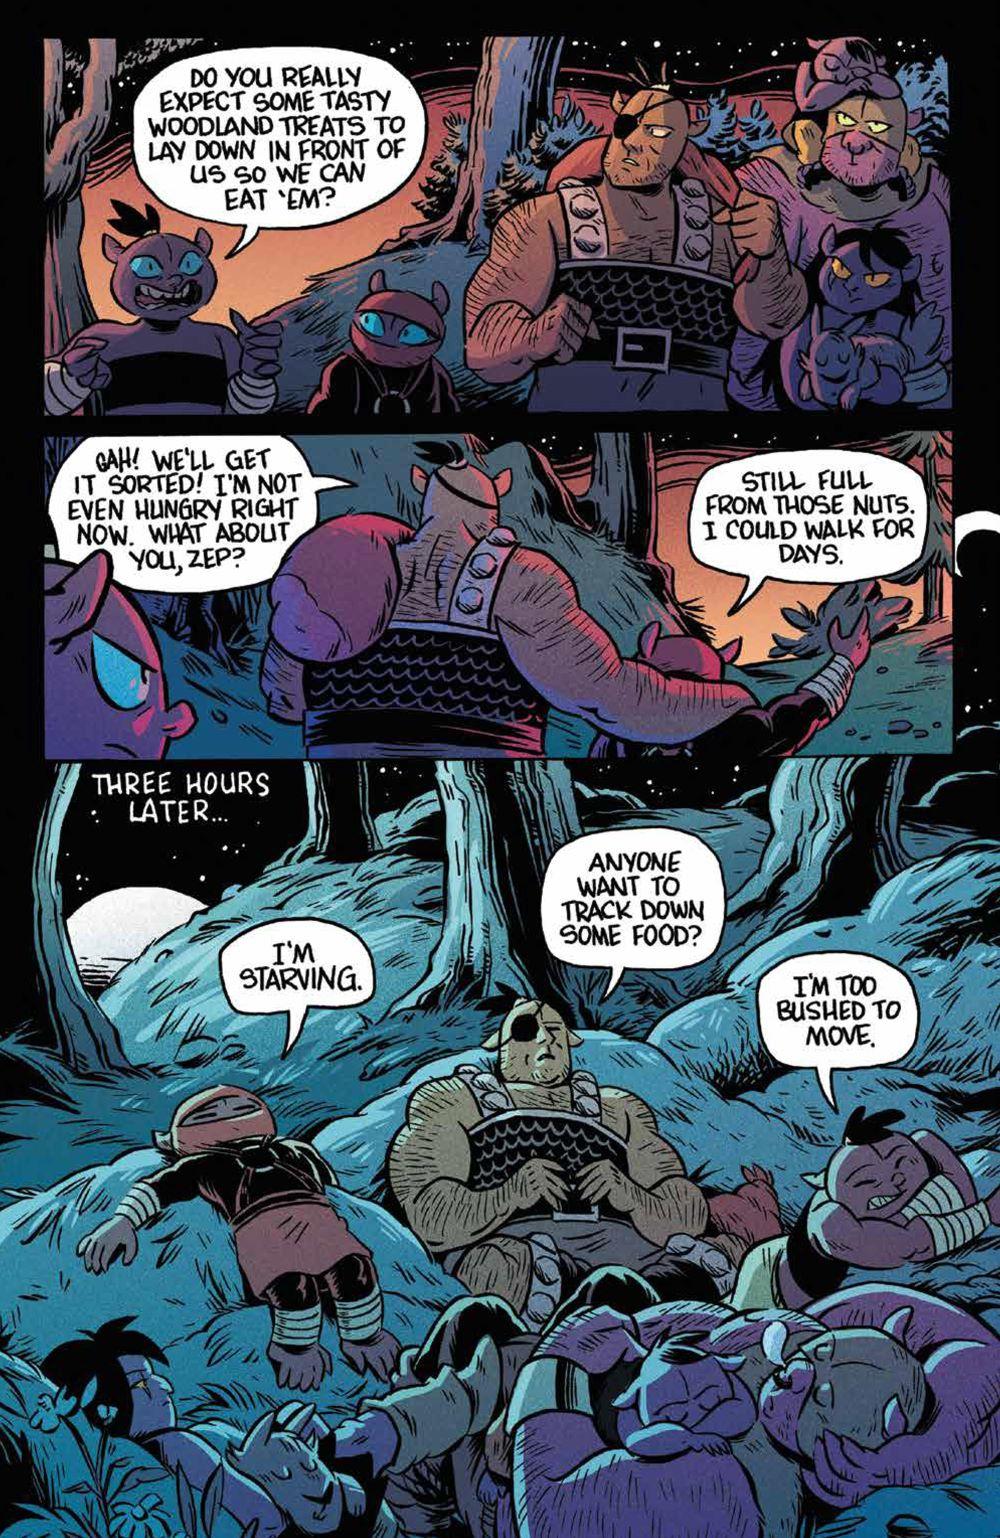 Orcs_003_PRESS_8 ComicList Previews: ORCS #3 (OF 5)